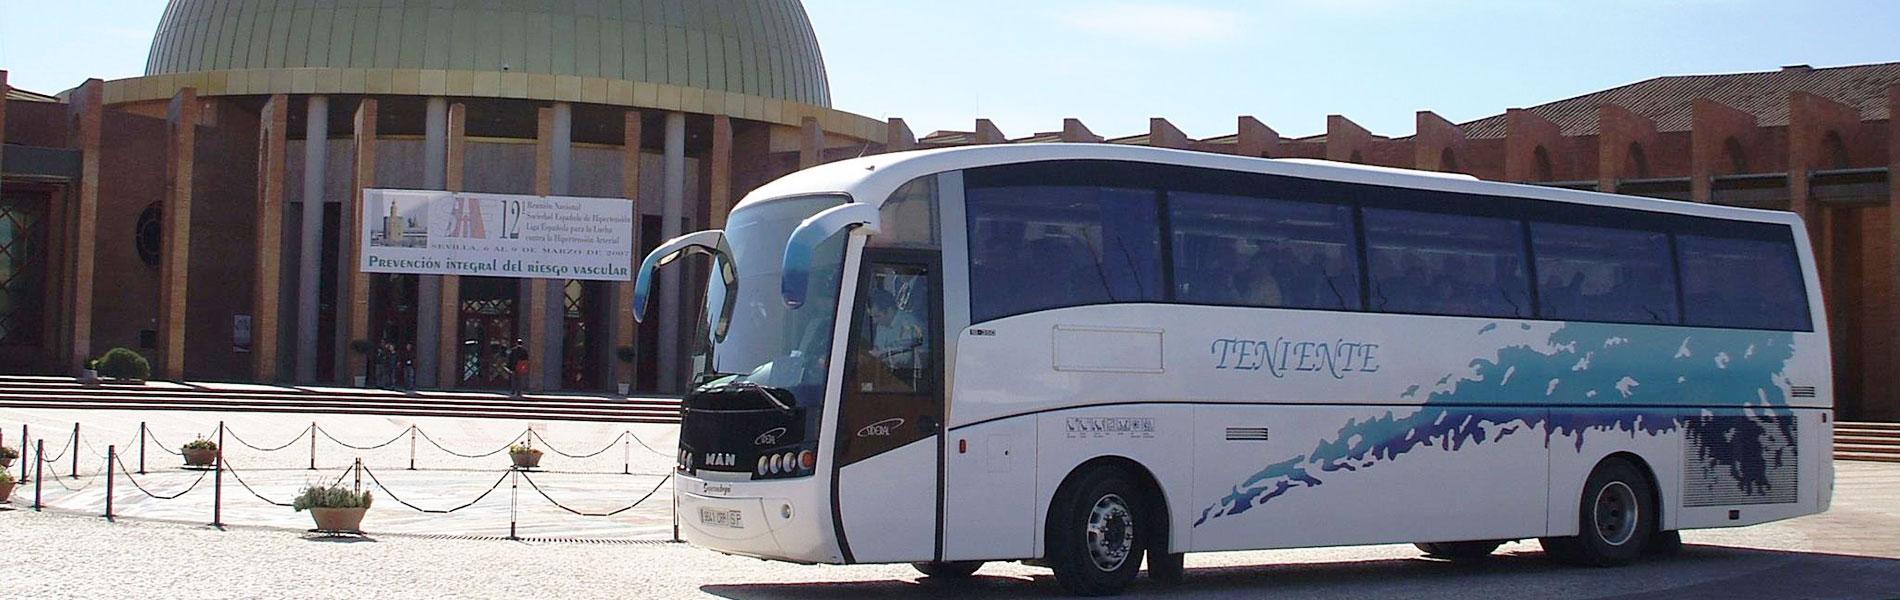 Autobus-FIBES-1900x600